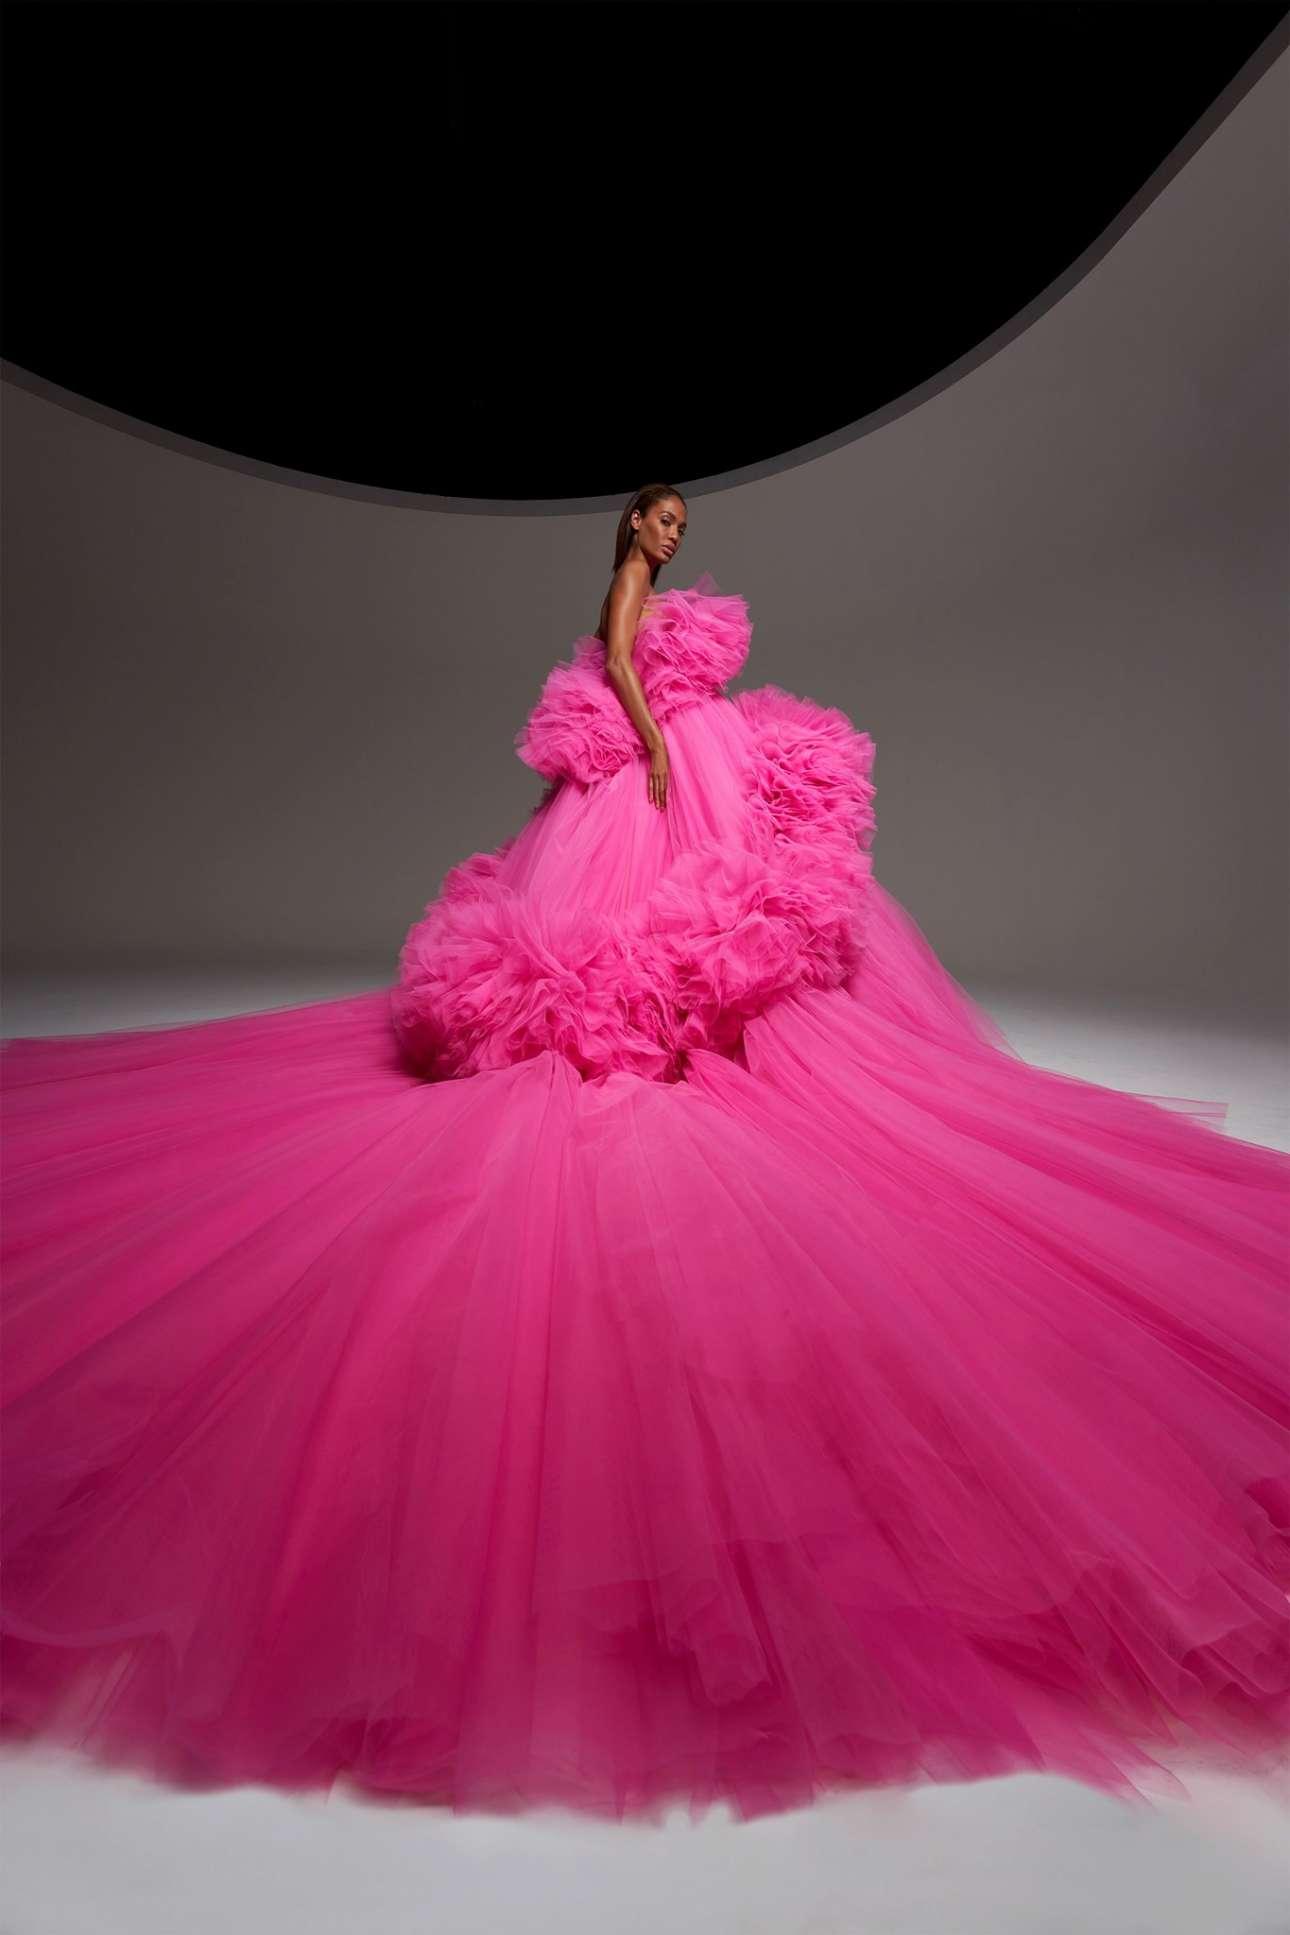 Οι αφράτες, τούλινες τουάλετες σε αποχρώσεις του ροζ και φούξια παραμένουν το σήμα κατατεθέν του οίκου ακόμα και εν μέσω πανδημίας